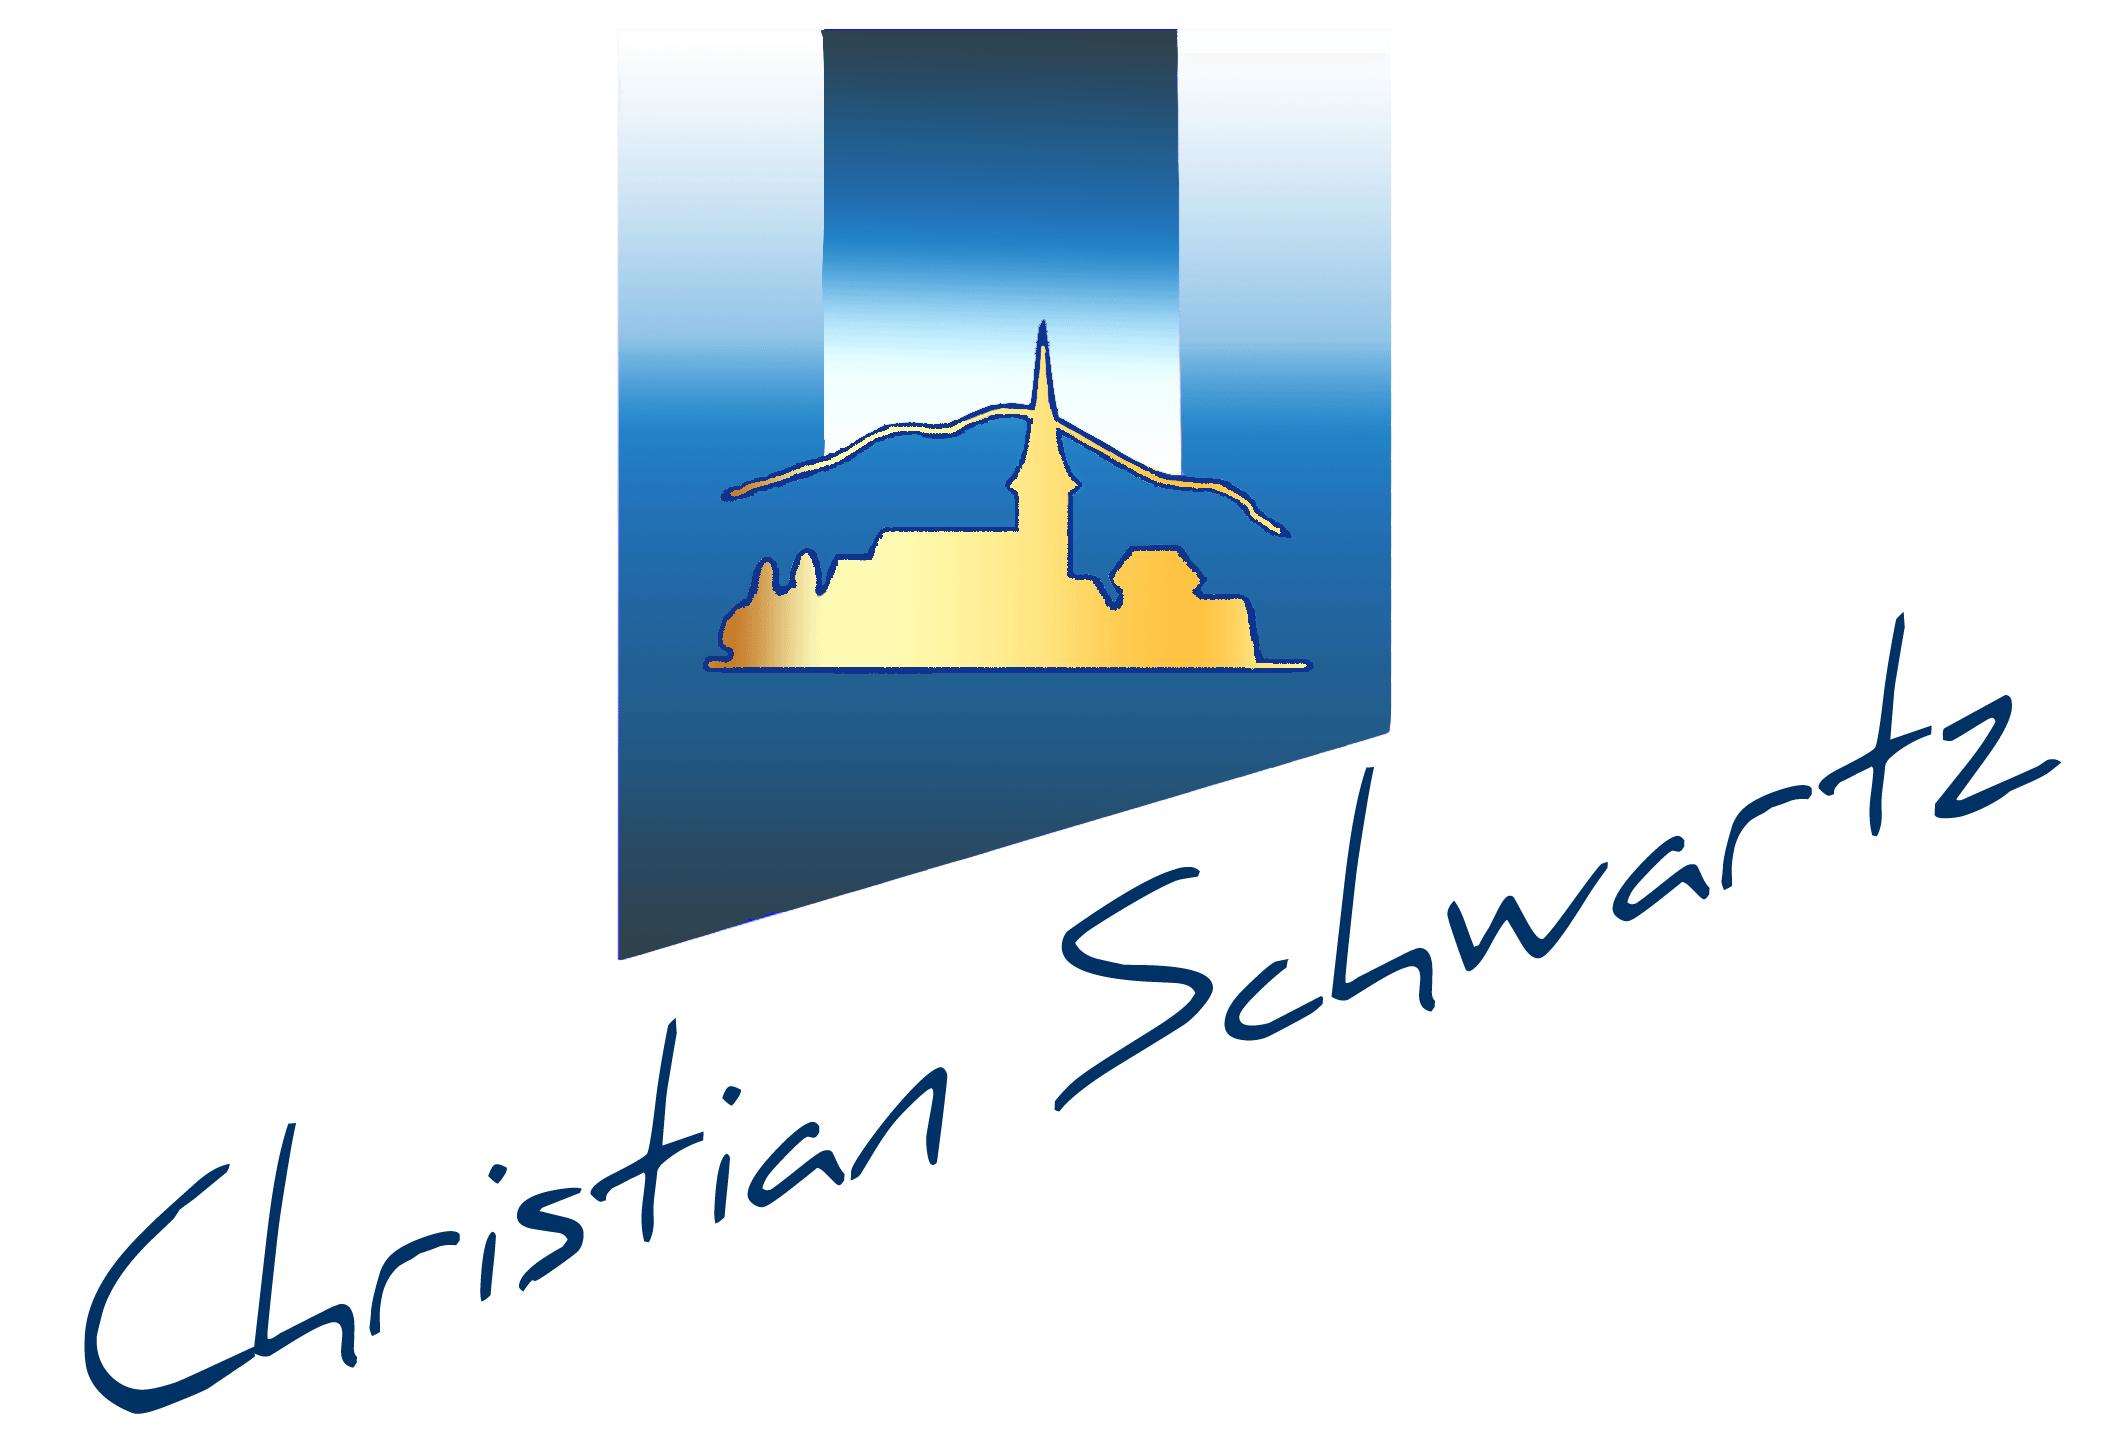 Vins Christian Schwartz